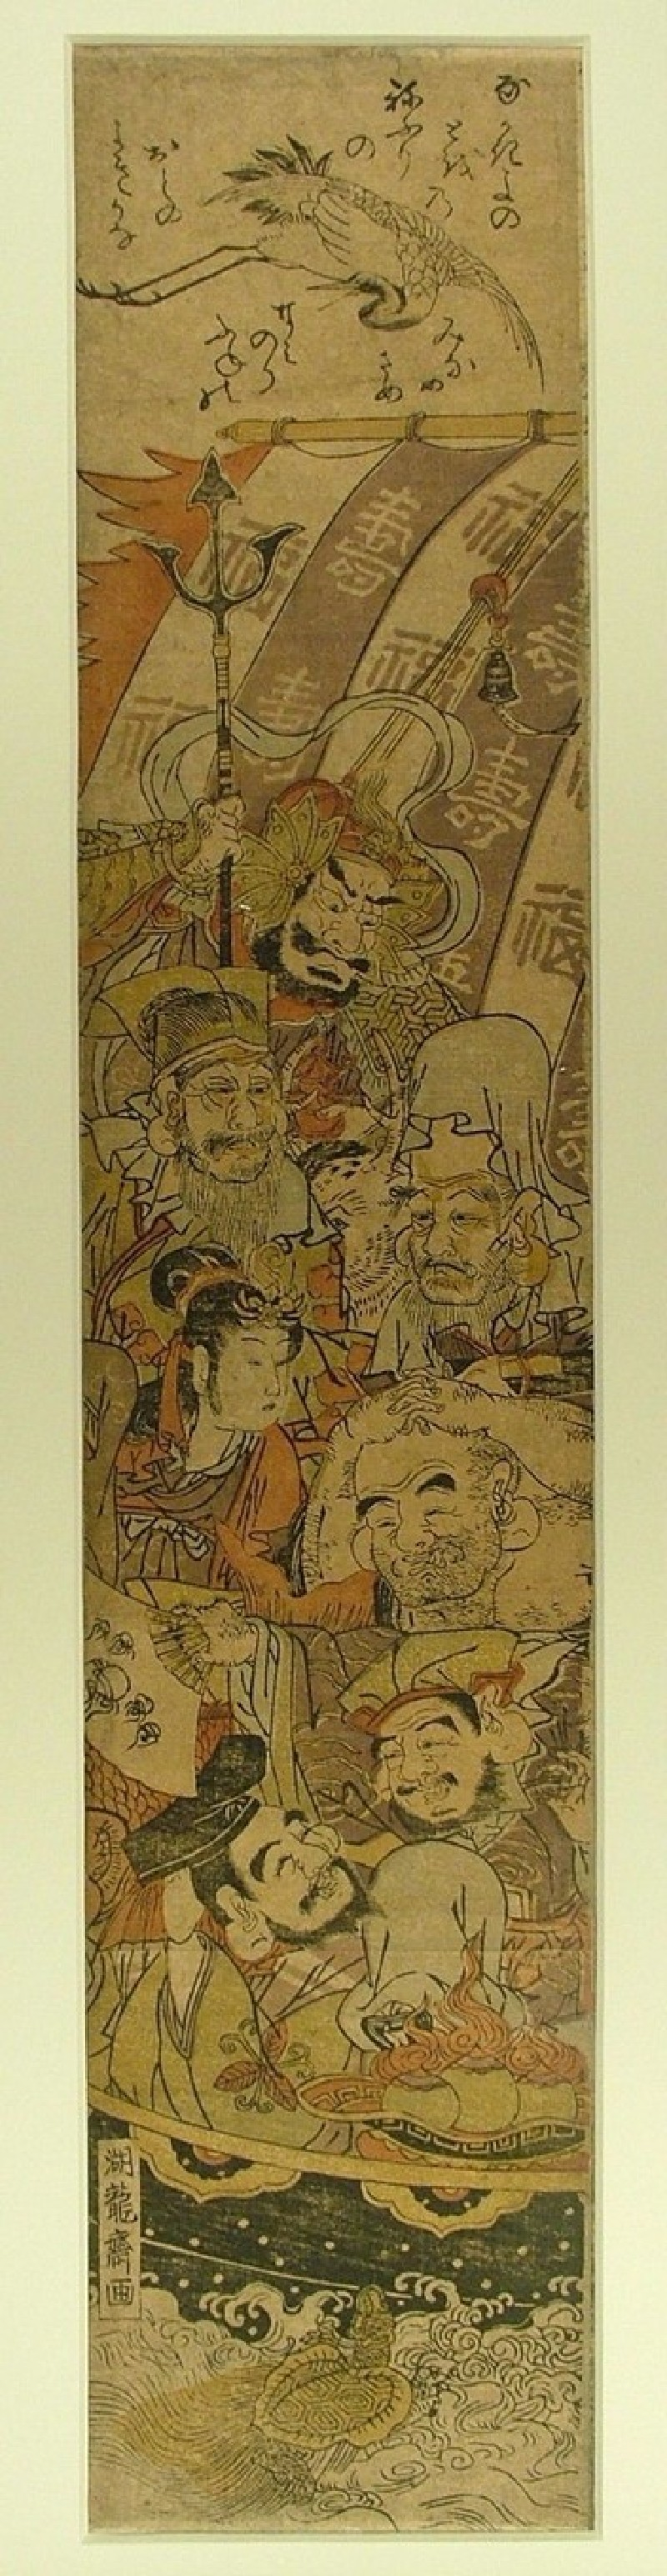 Seven Gods of Good Fortune in the Takarabune